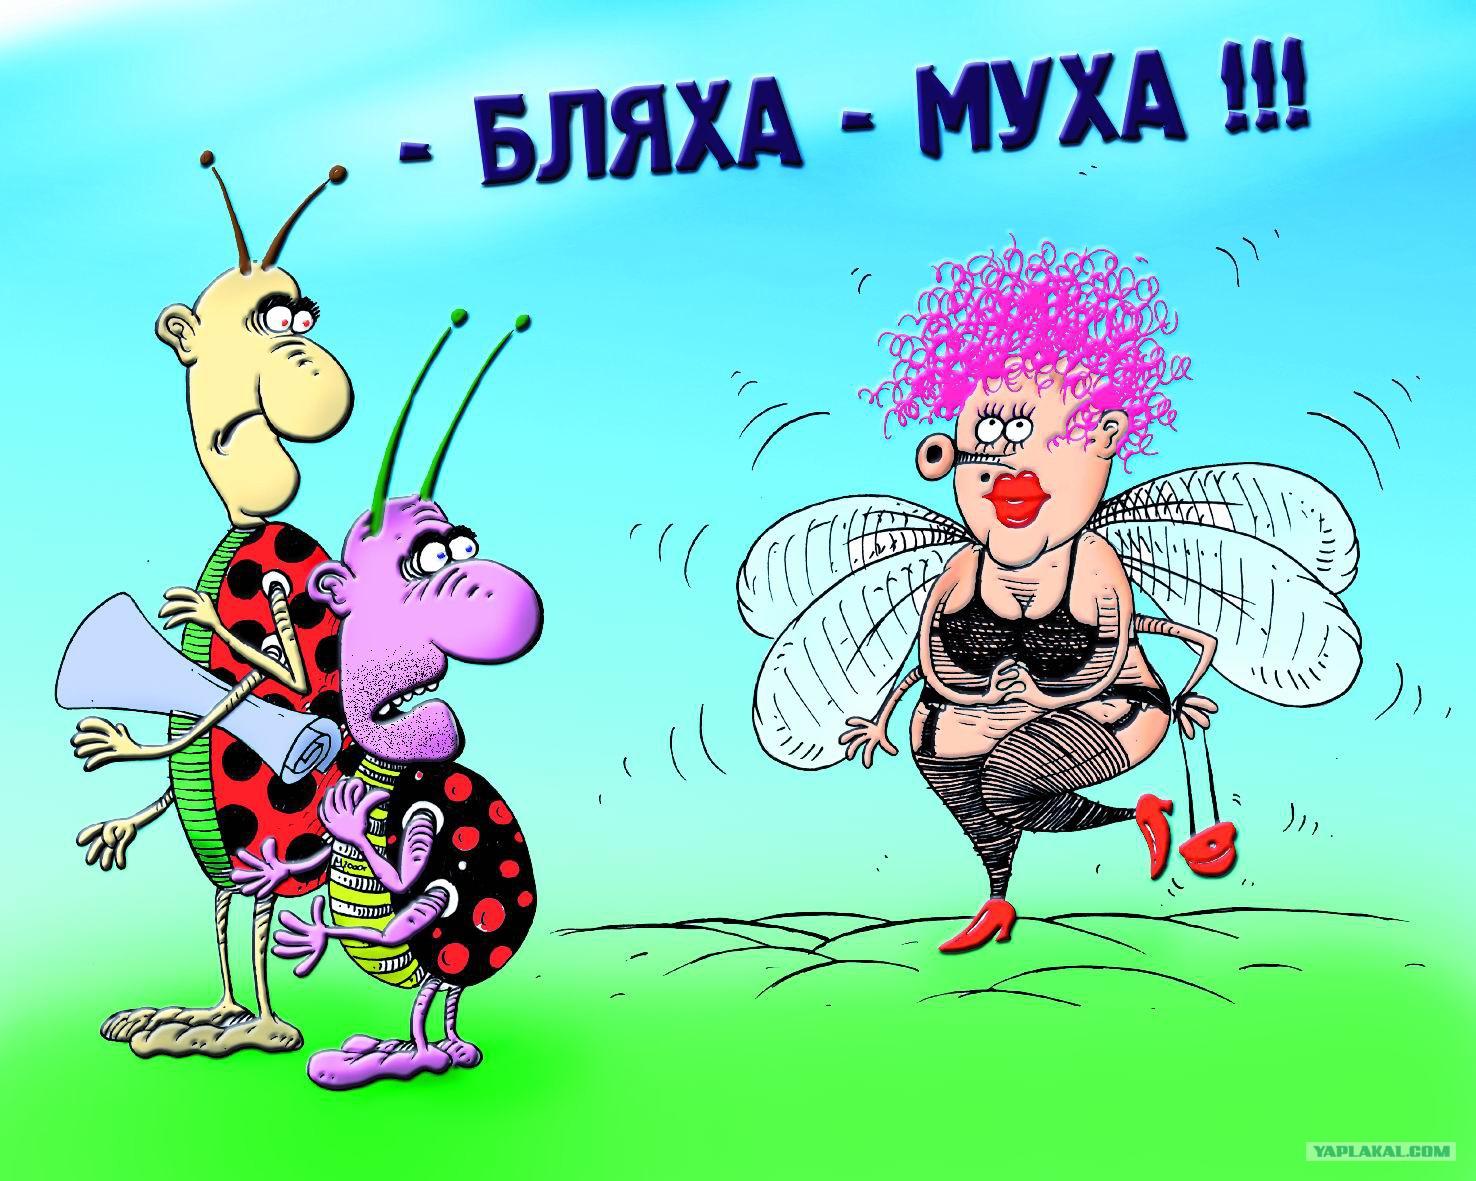 Поздравление бляха-муха для подруги